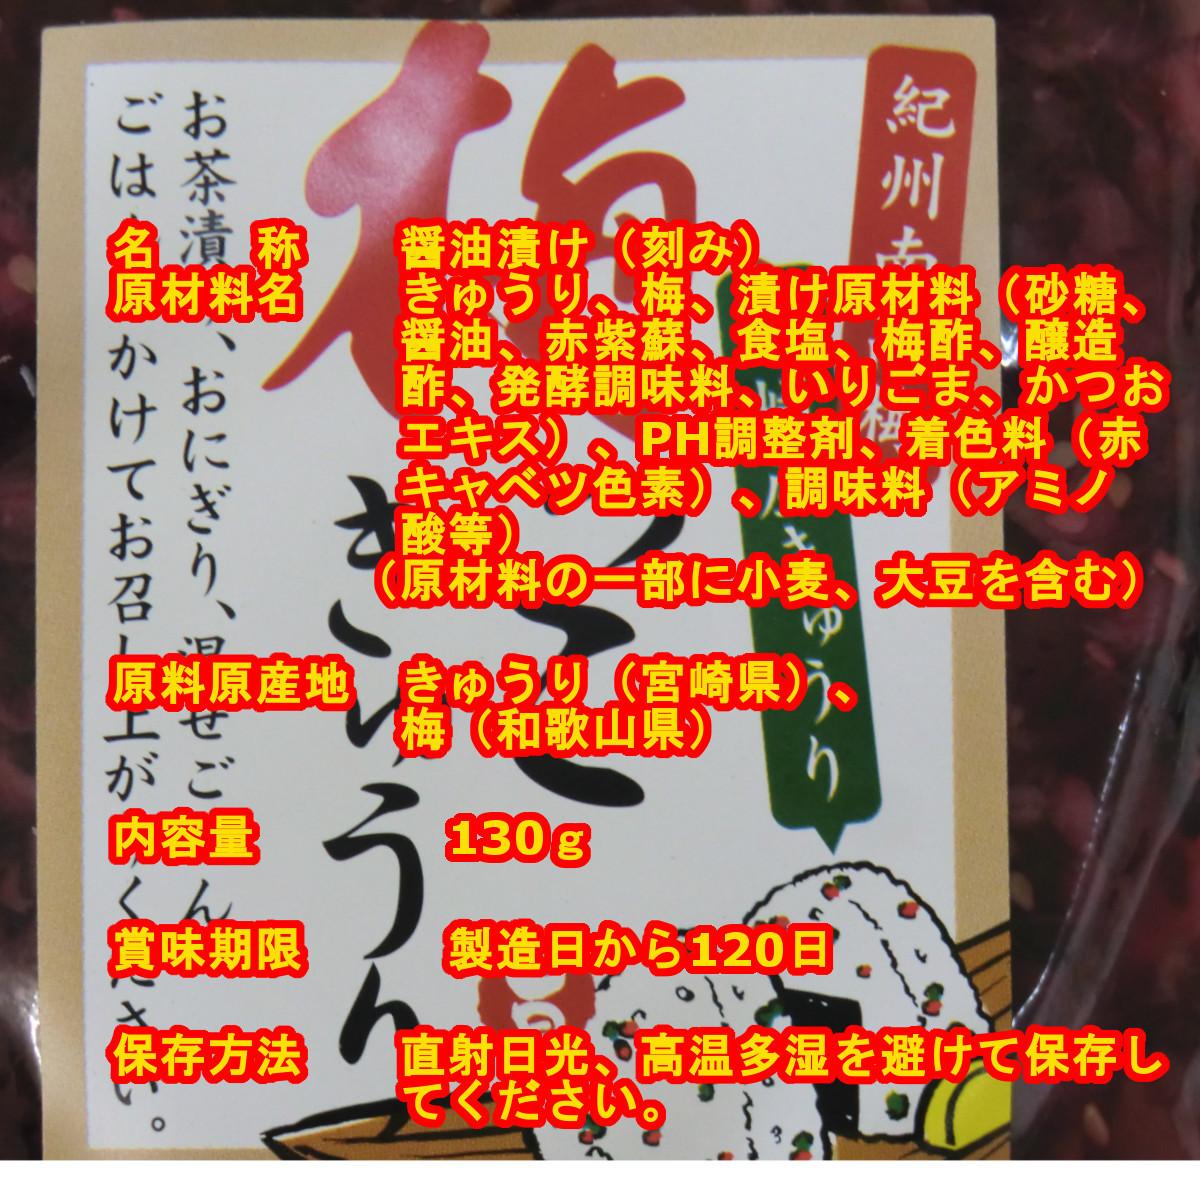 おかず3種2セット  梅っこきゅうり ごぼう たくあん ご飯のお供 おにぎり おつまみ 宮崎県産のお漬物 送料無料 _画像6